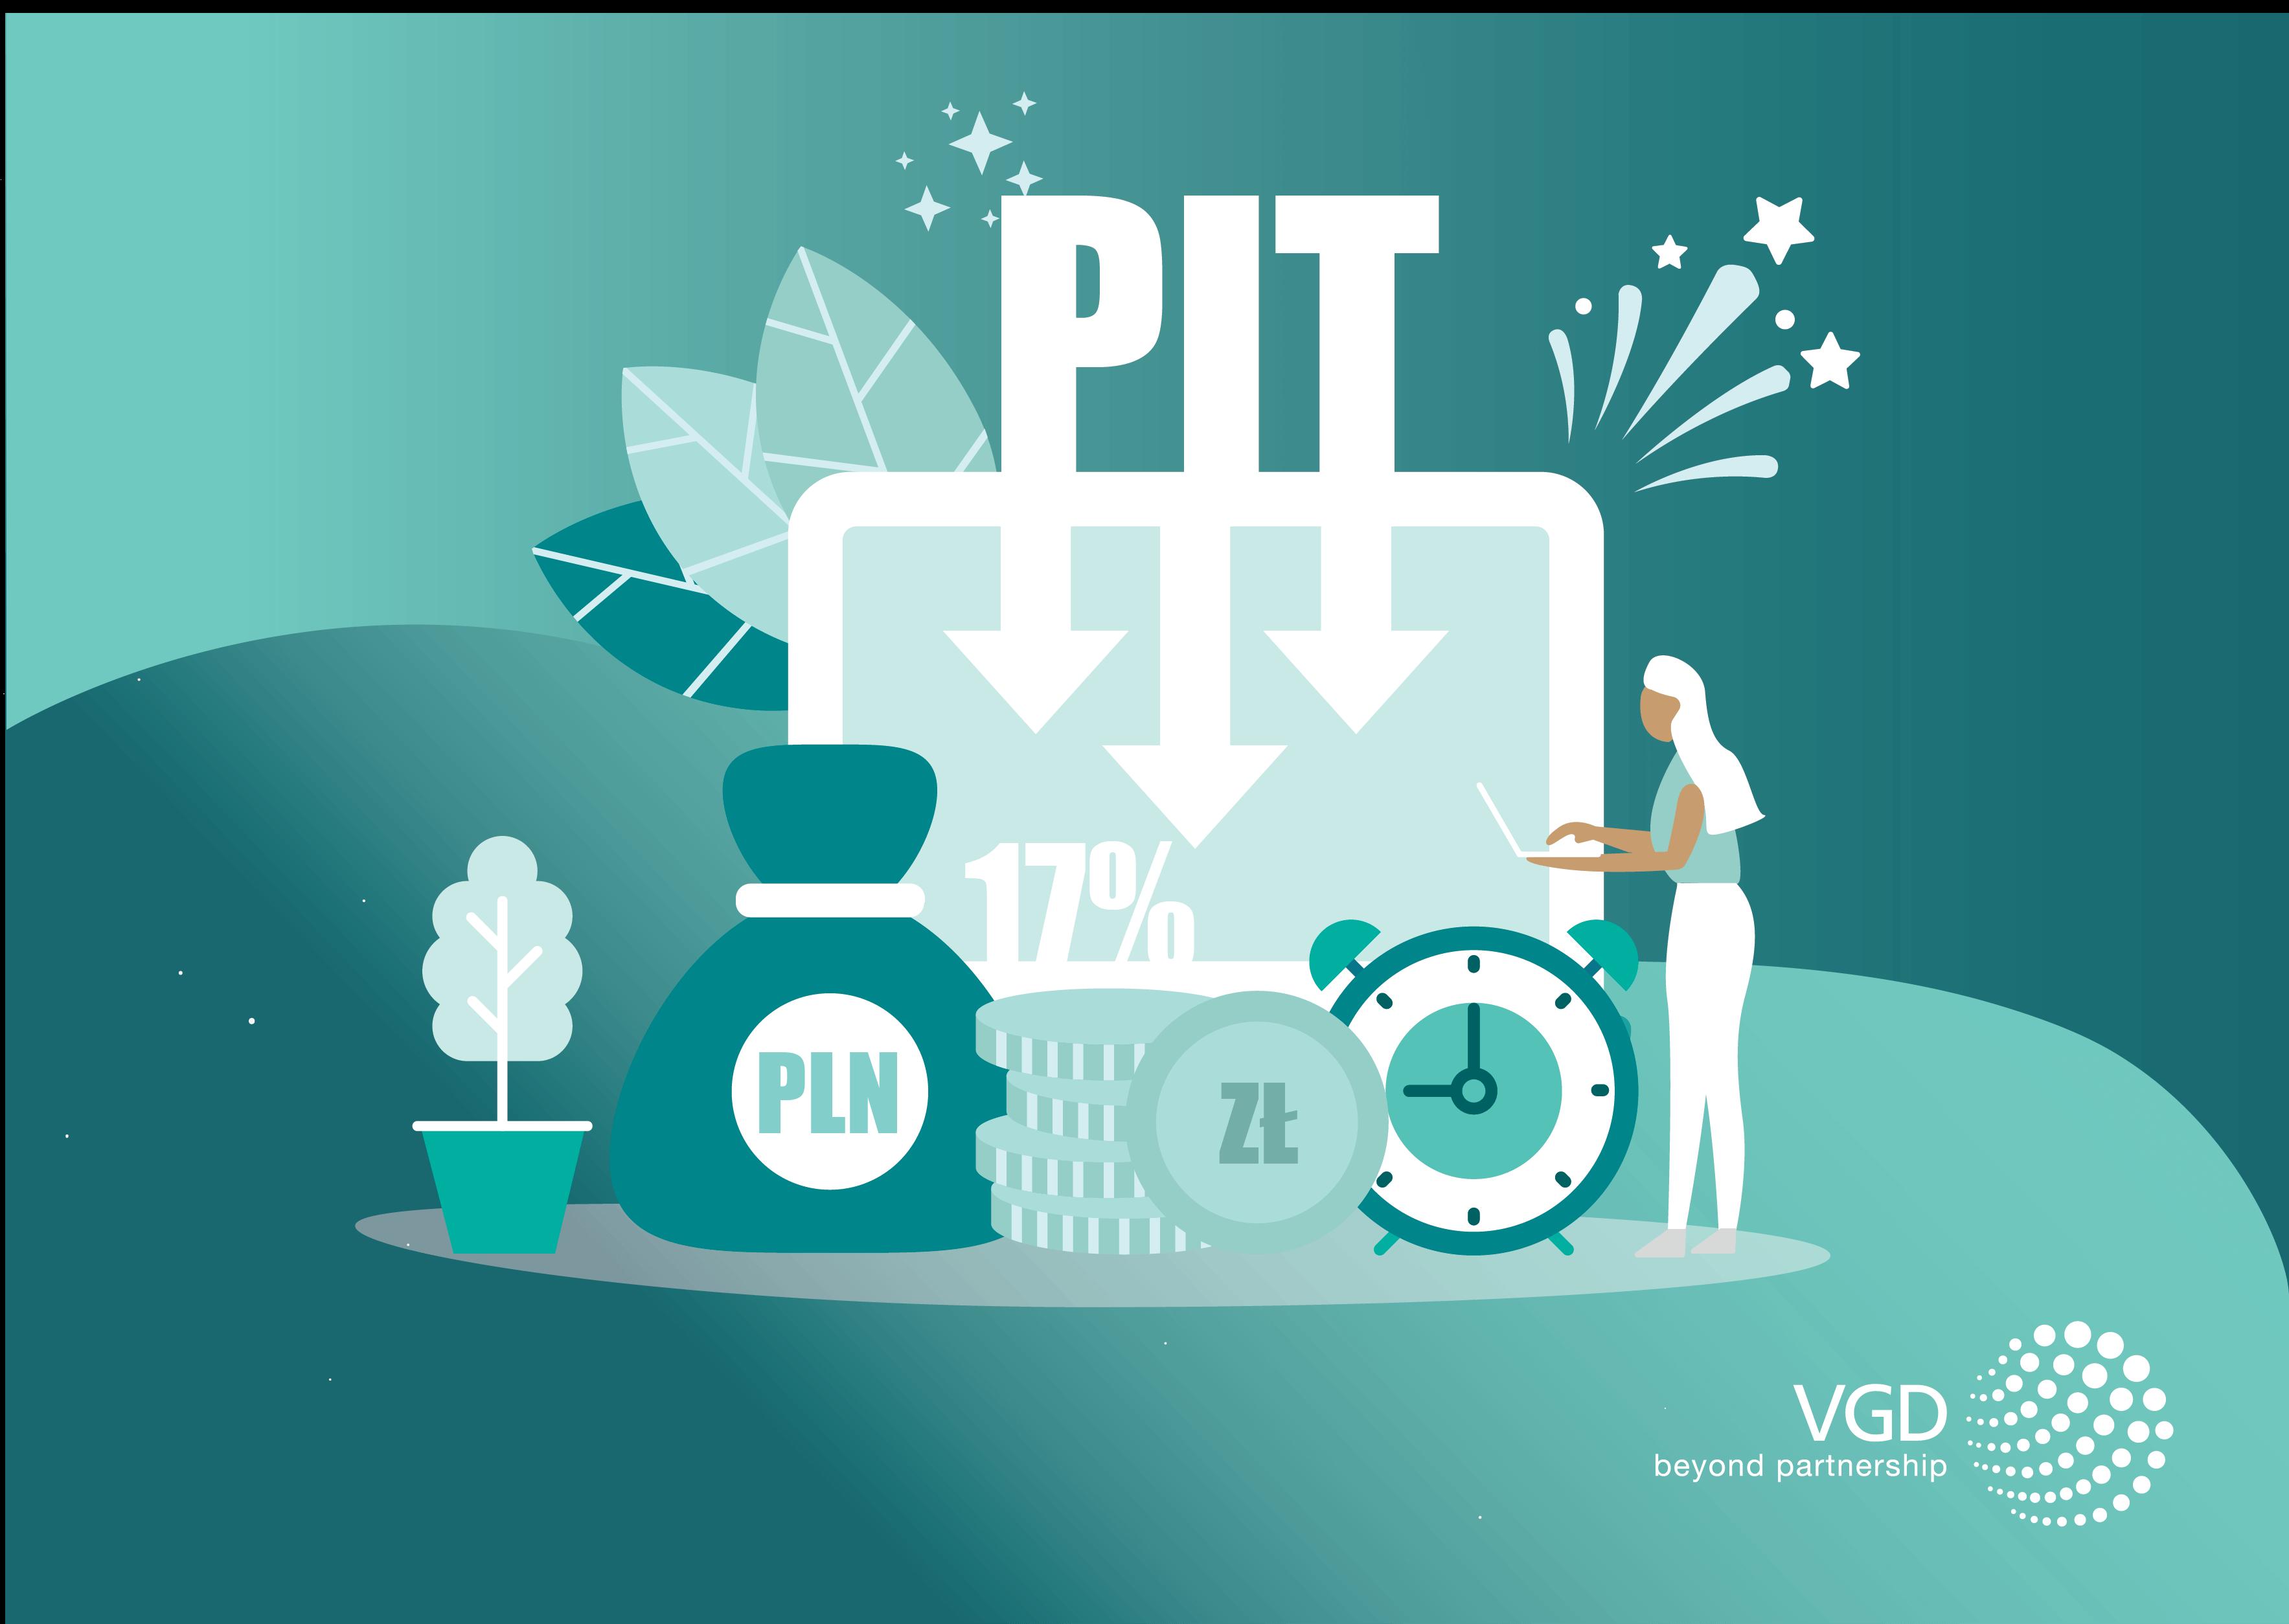 redukcja pit do 17 procent, grafika turkusowa, vgd polska, vgd poland, tax changes, zmiany w podatkach w Polsce 2019, pit 2019,